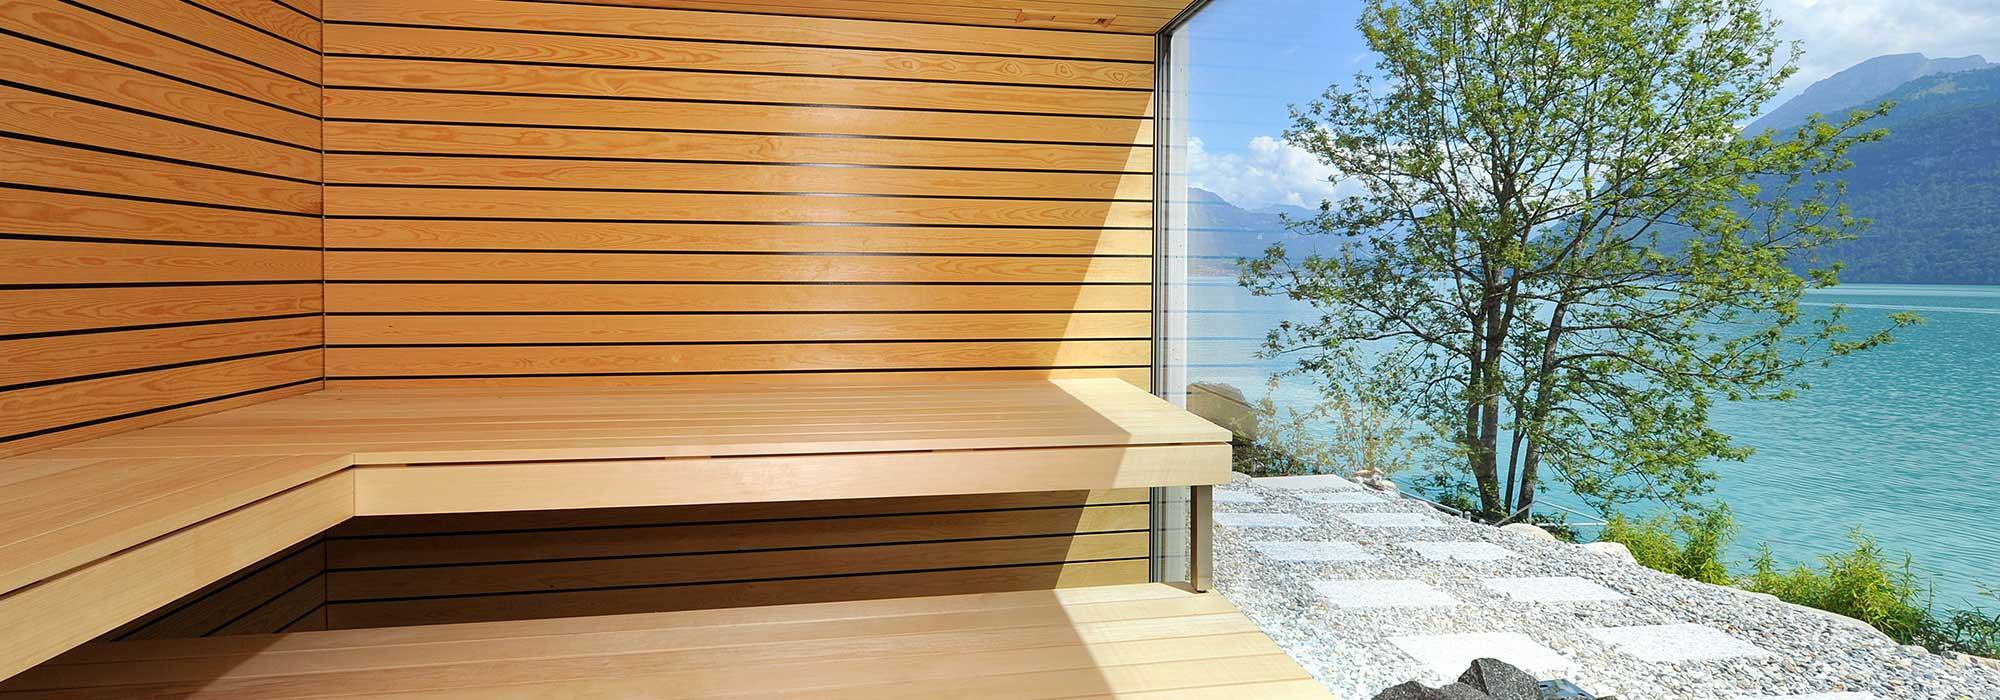 Full Size of Außensauna Wandaufbau Aussensauna Saunieren Im Freien Kng Sauna Spa Wohnzimmer Außensauna Wandaufbau